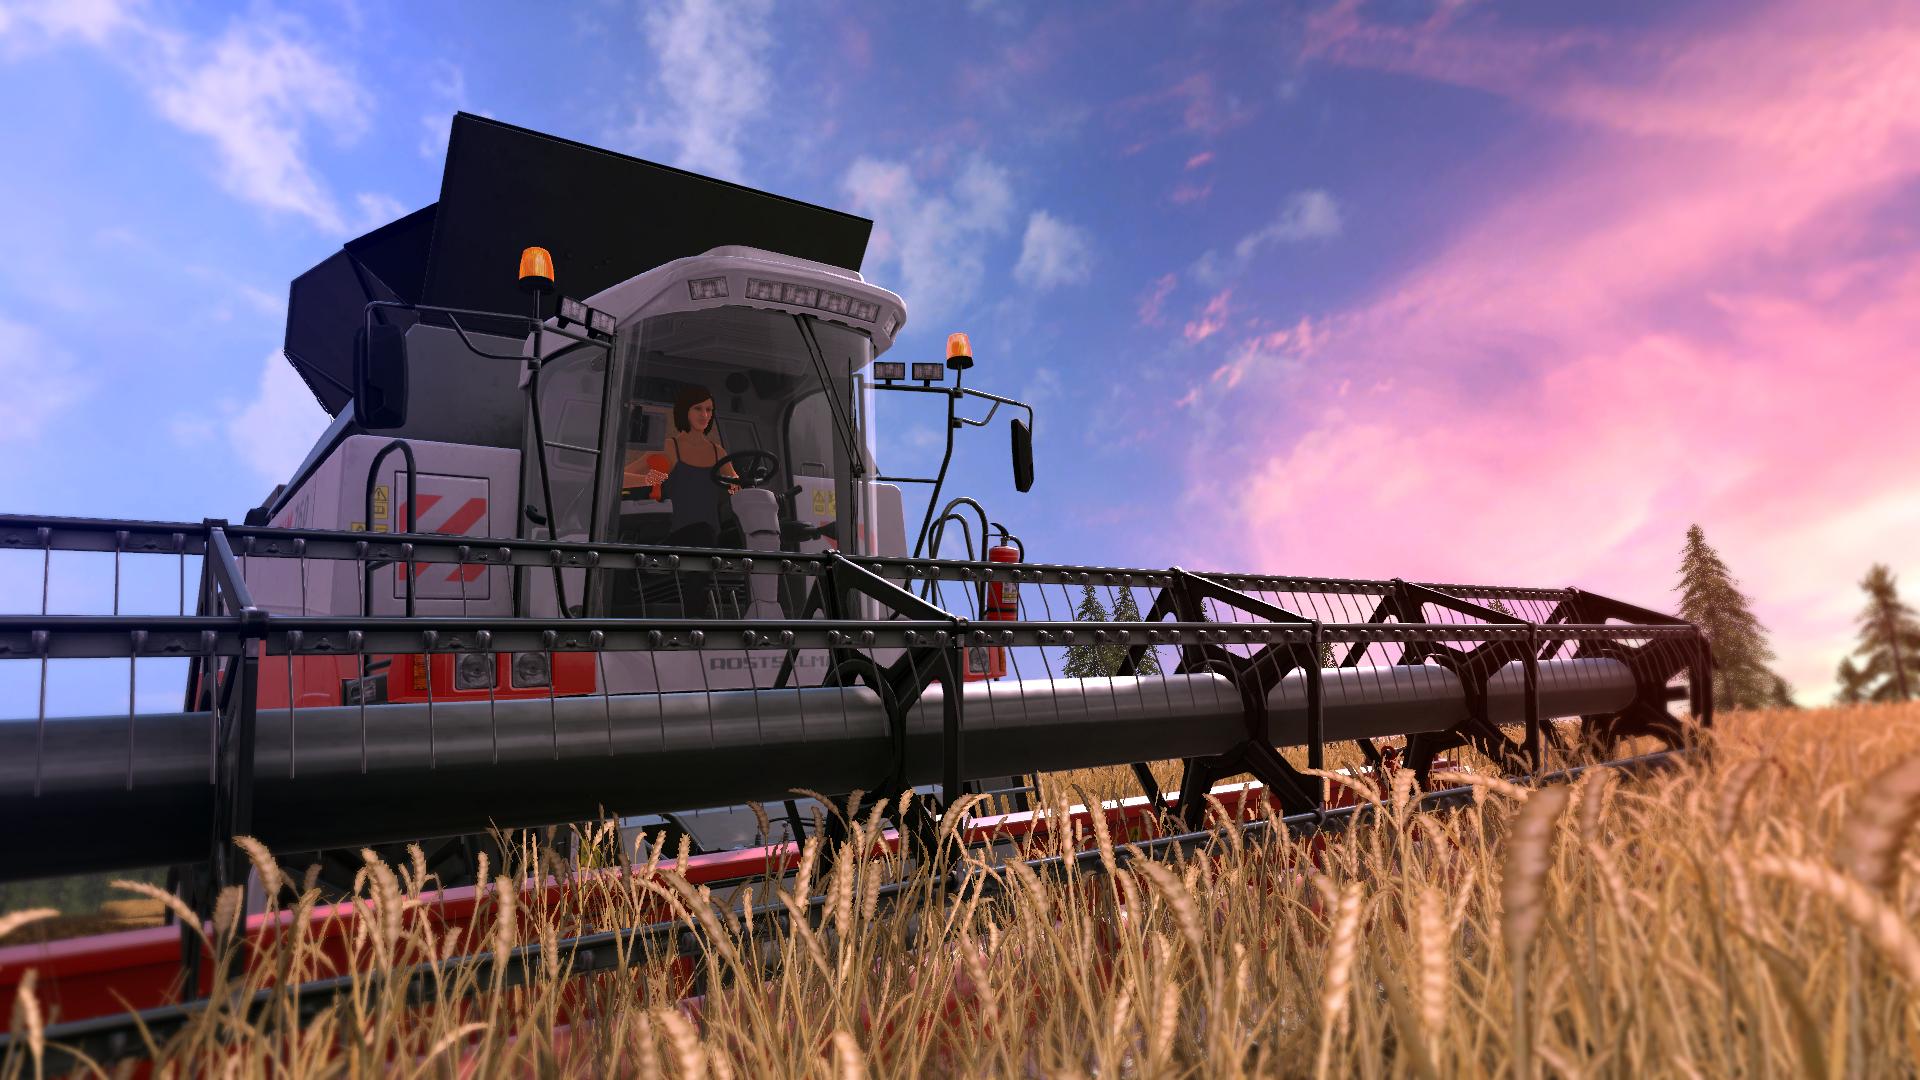 farming simulator free download full version 2015